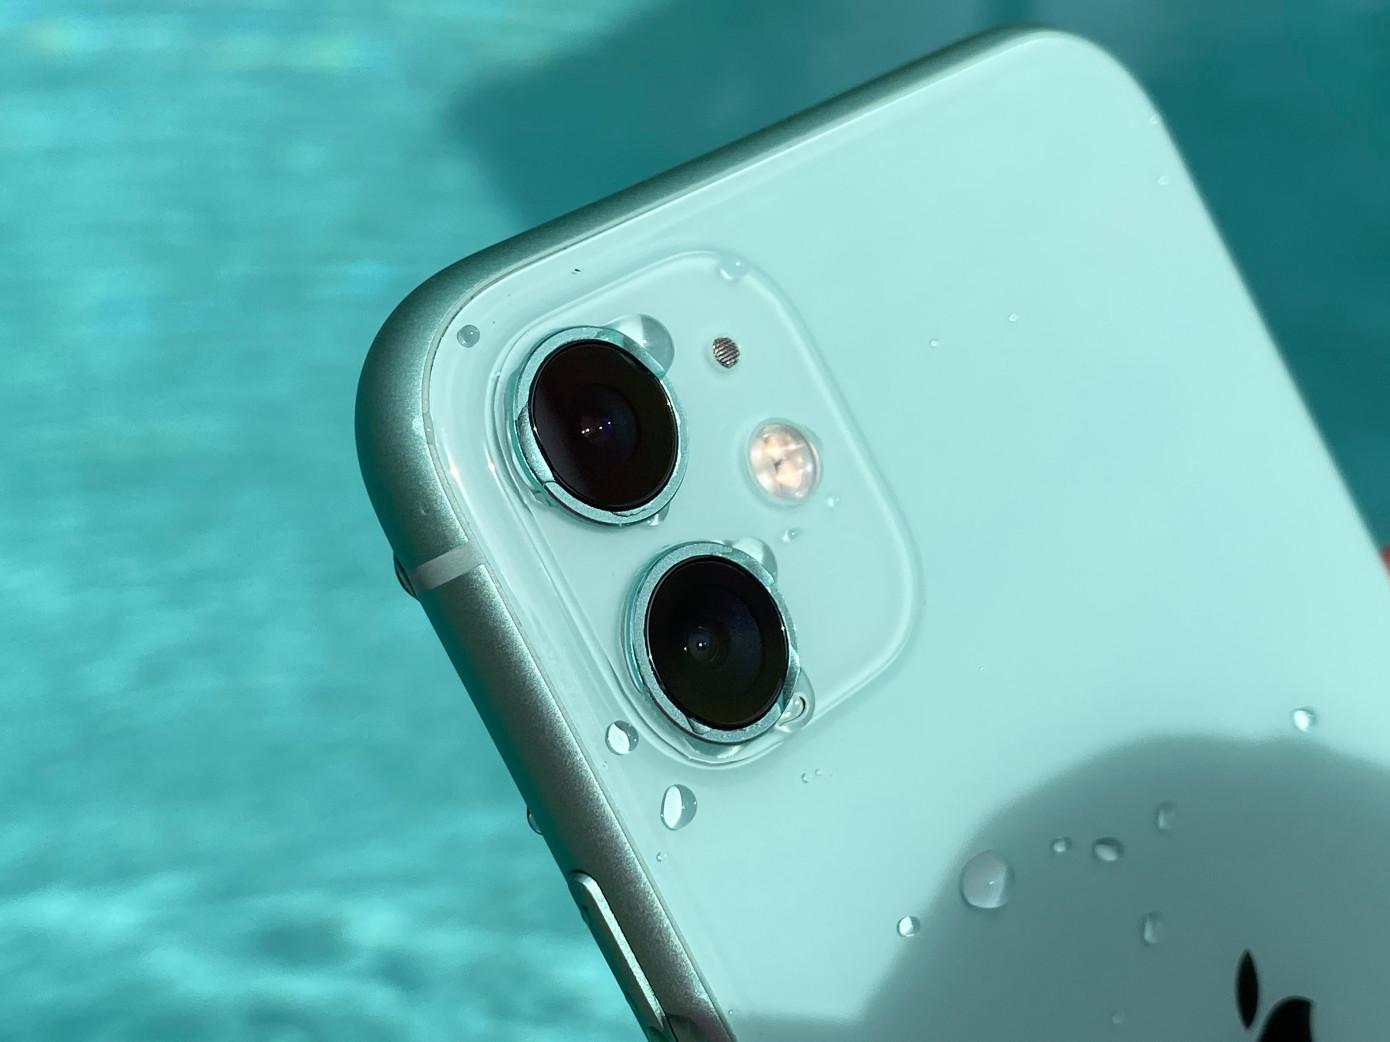 آبل تجلب ميزة Deep Fusion لكاميرا هواتف الايفون الجديدة